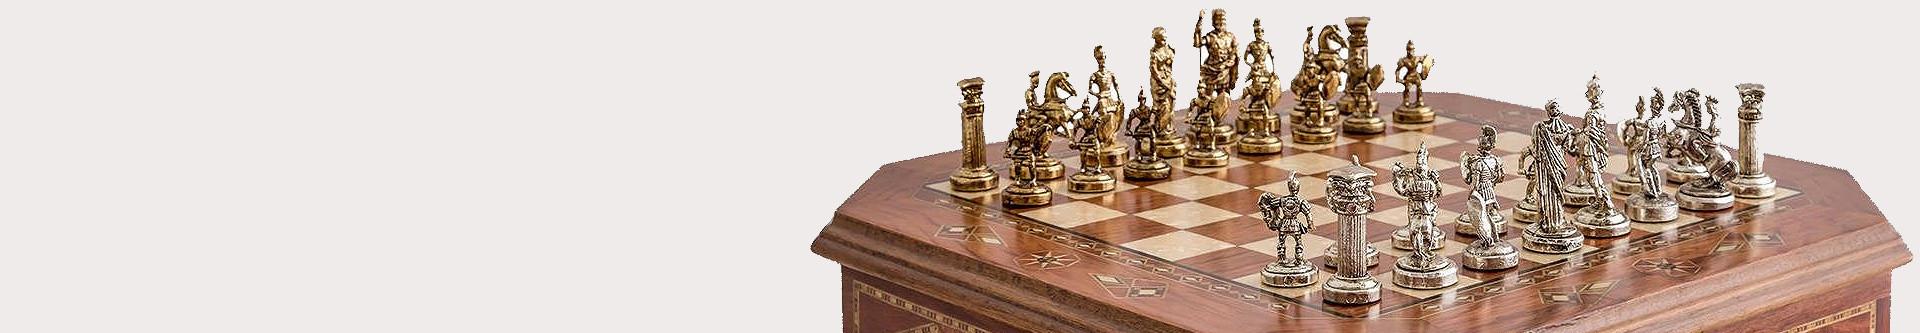 Подарочные шахматы - купить в интернет-магазине настольных игр ручной работы ❤